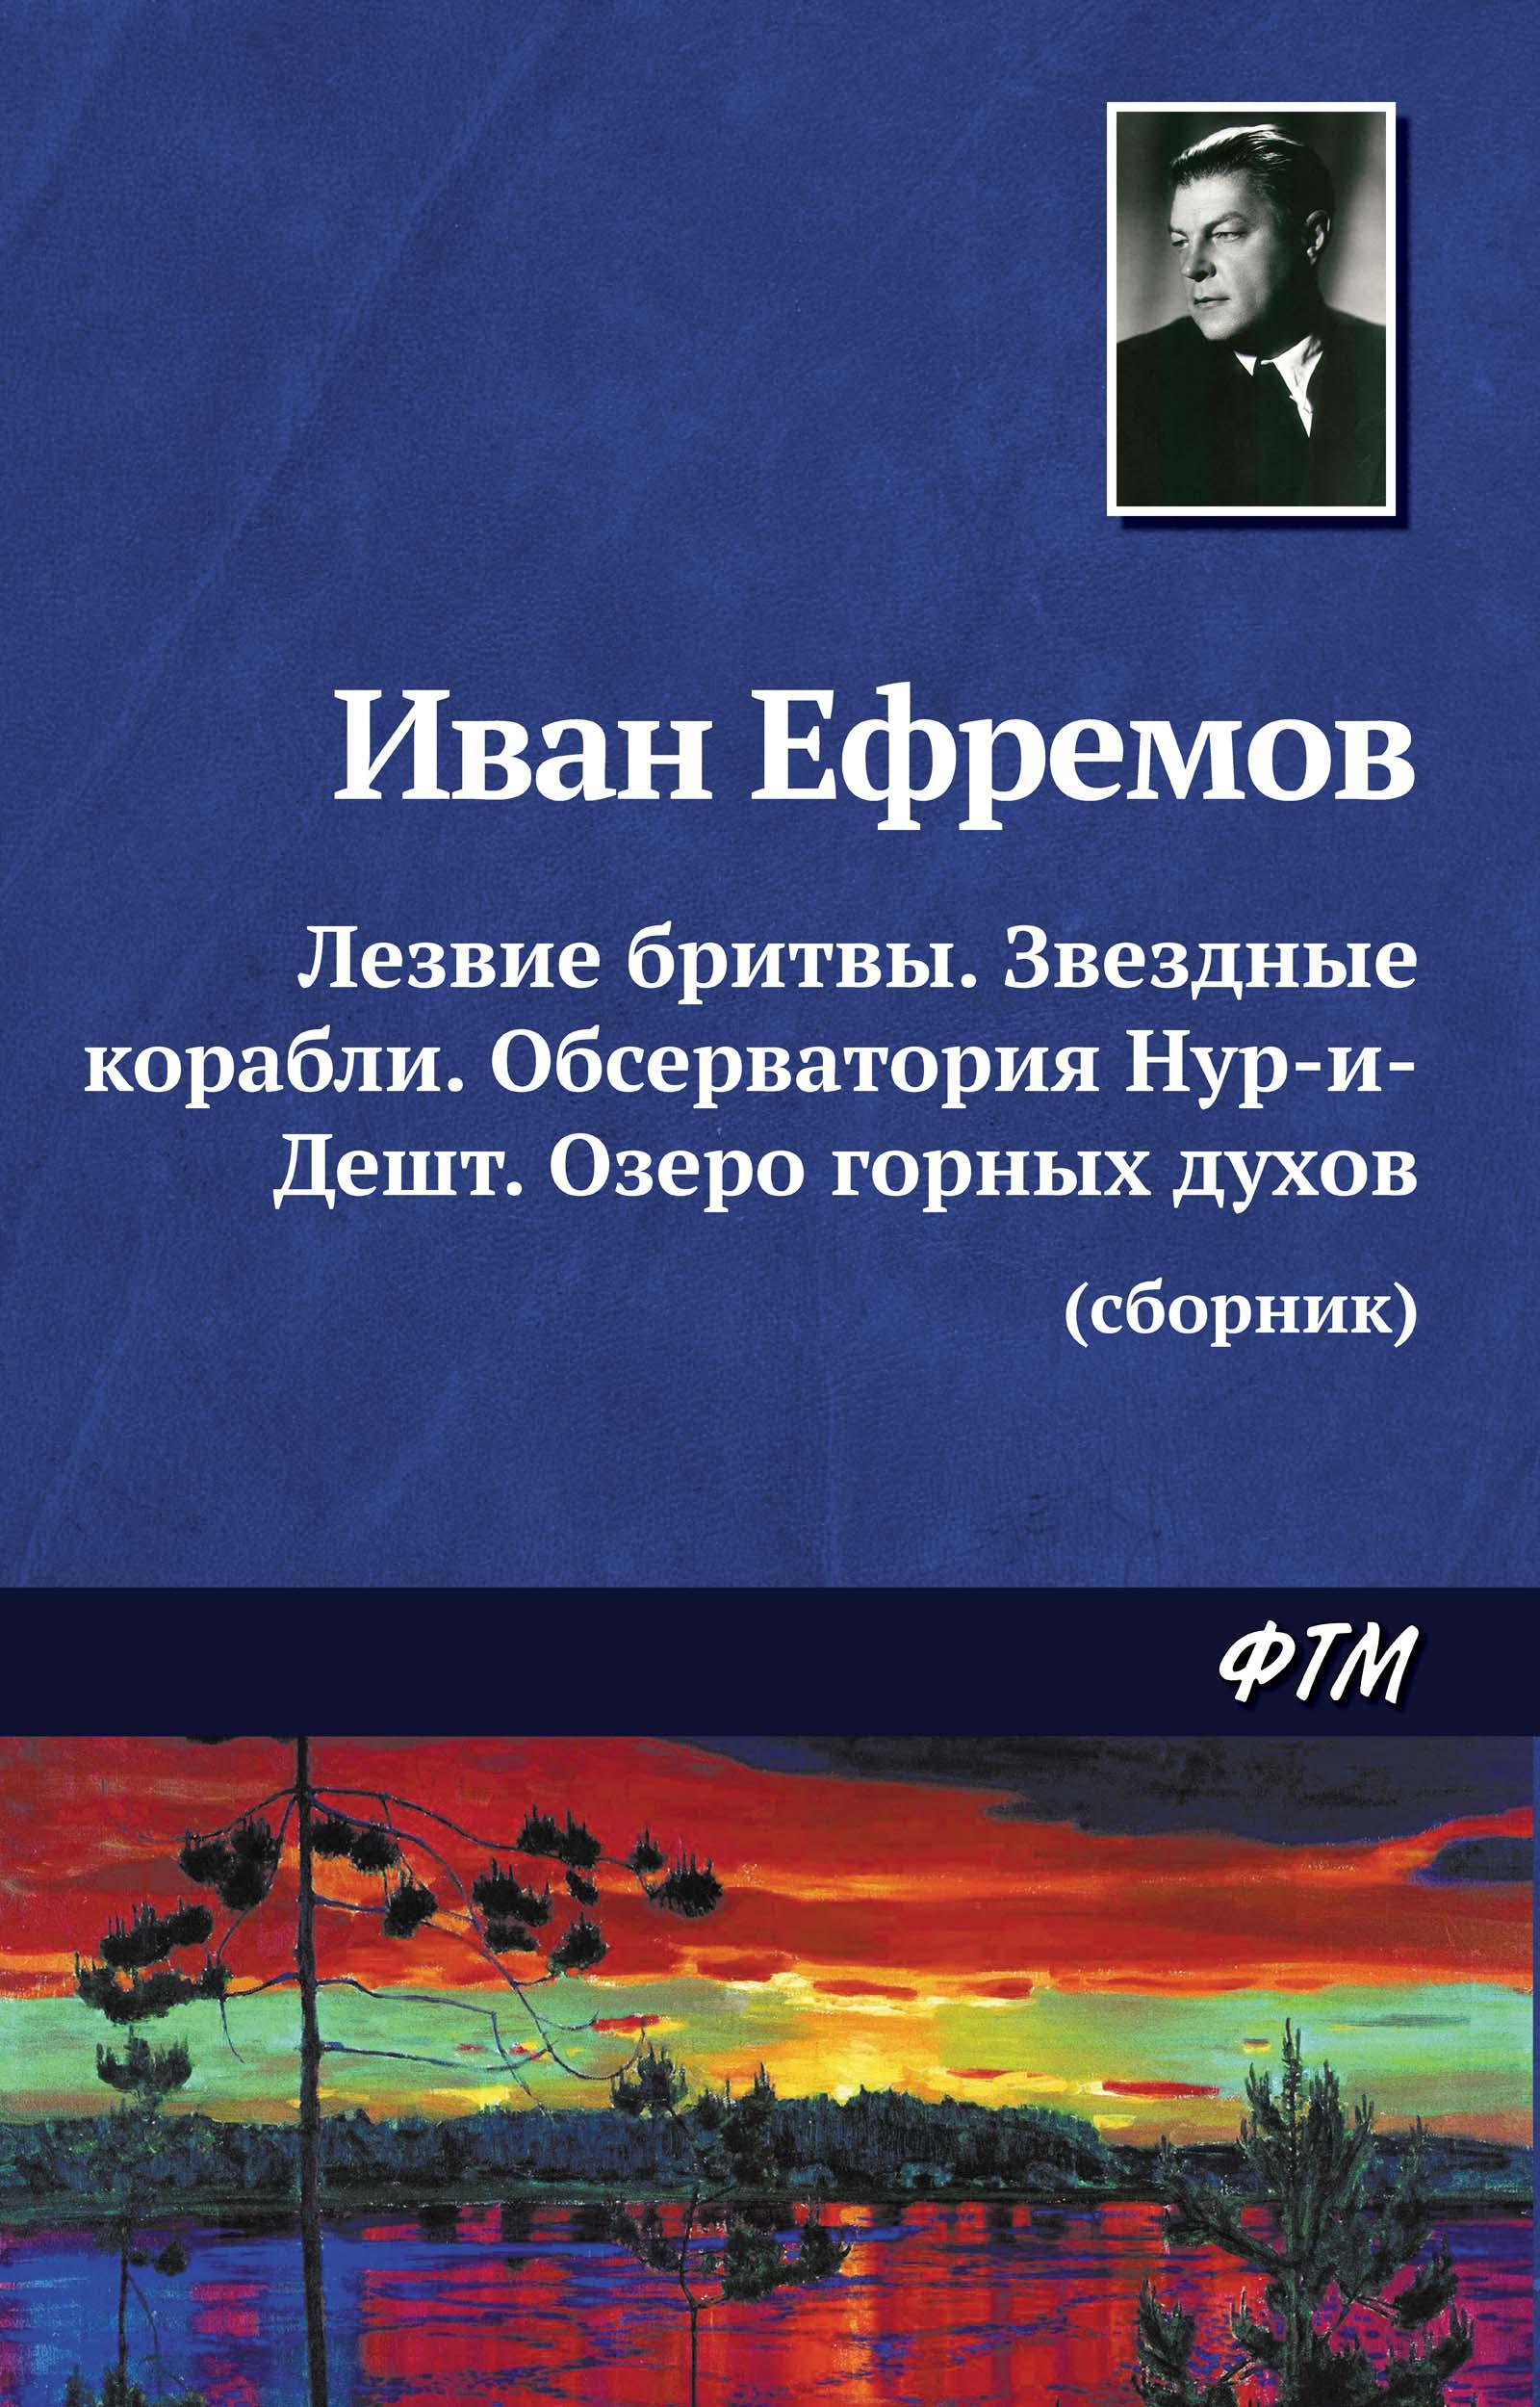 lezvie britvy zvezdnye korabli observatoriya nur i desht ozero gornykh dukhov